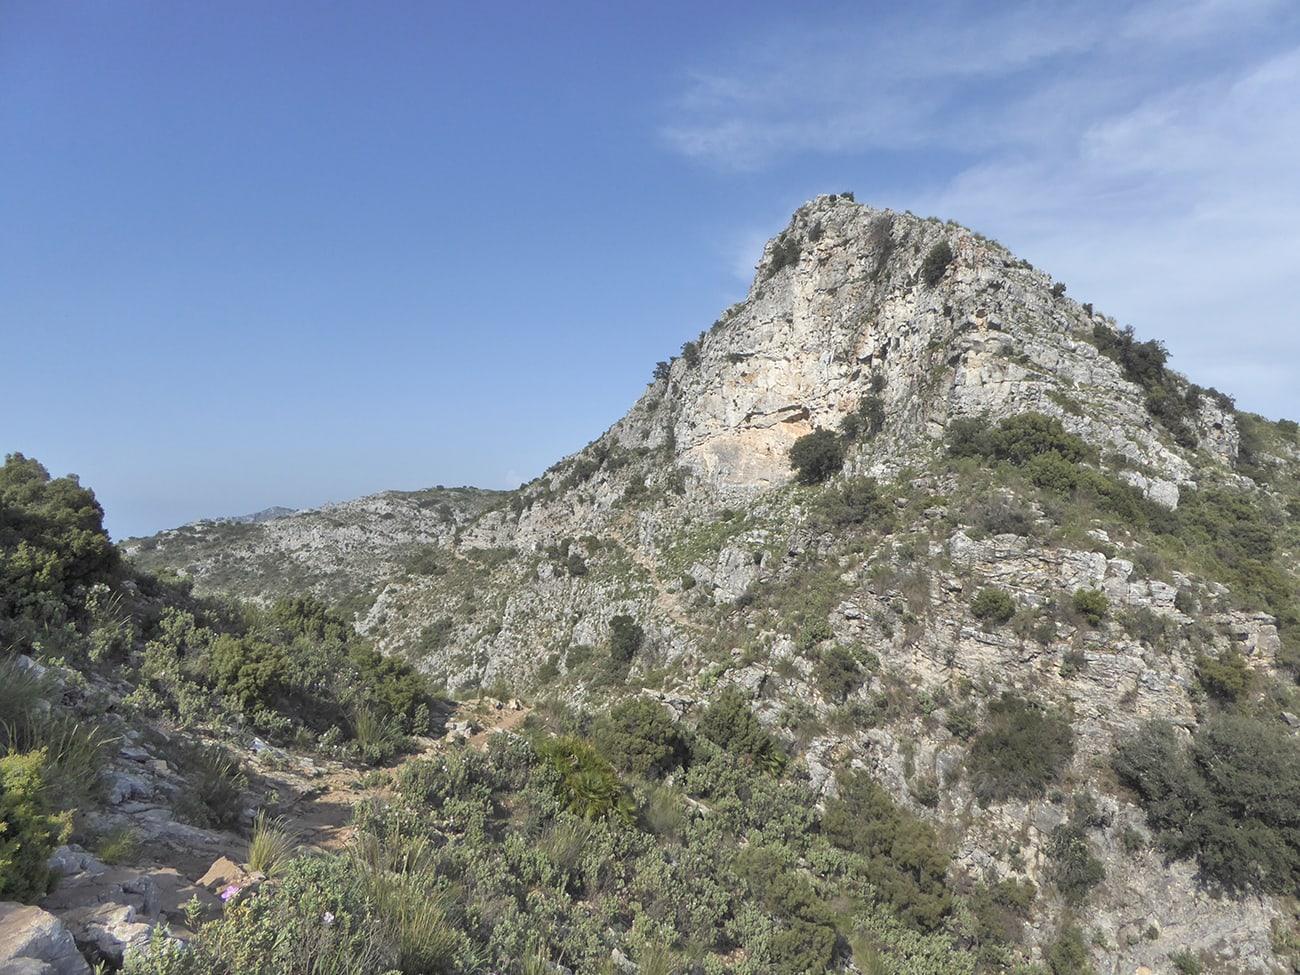 La Concha, Marbella